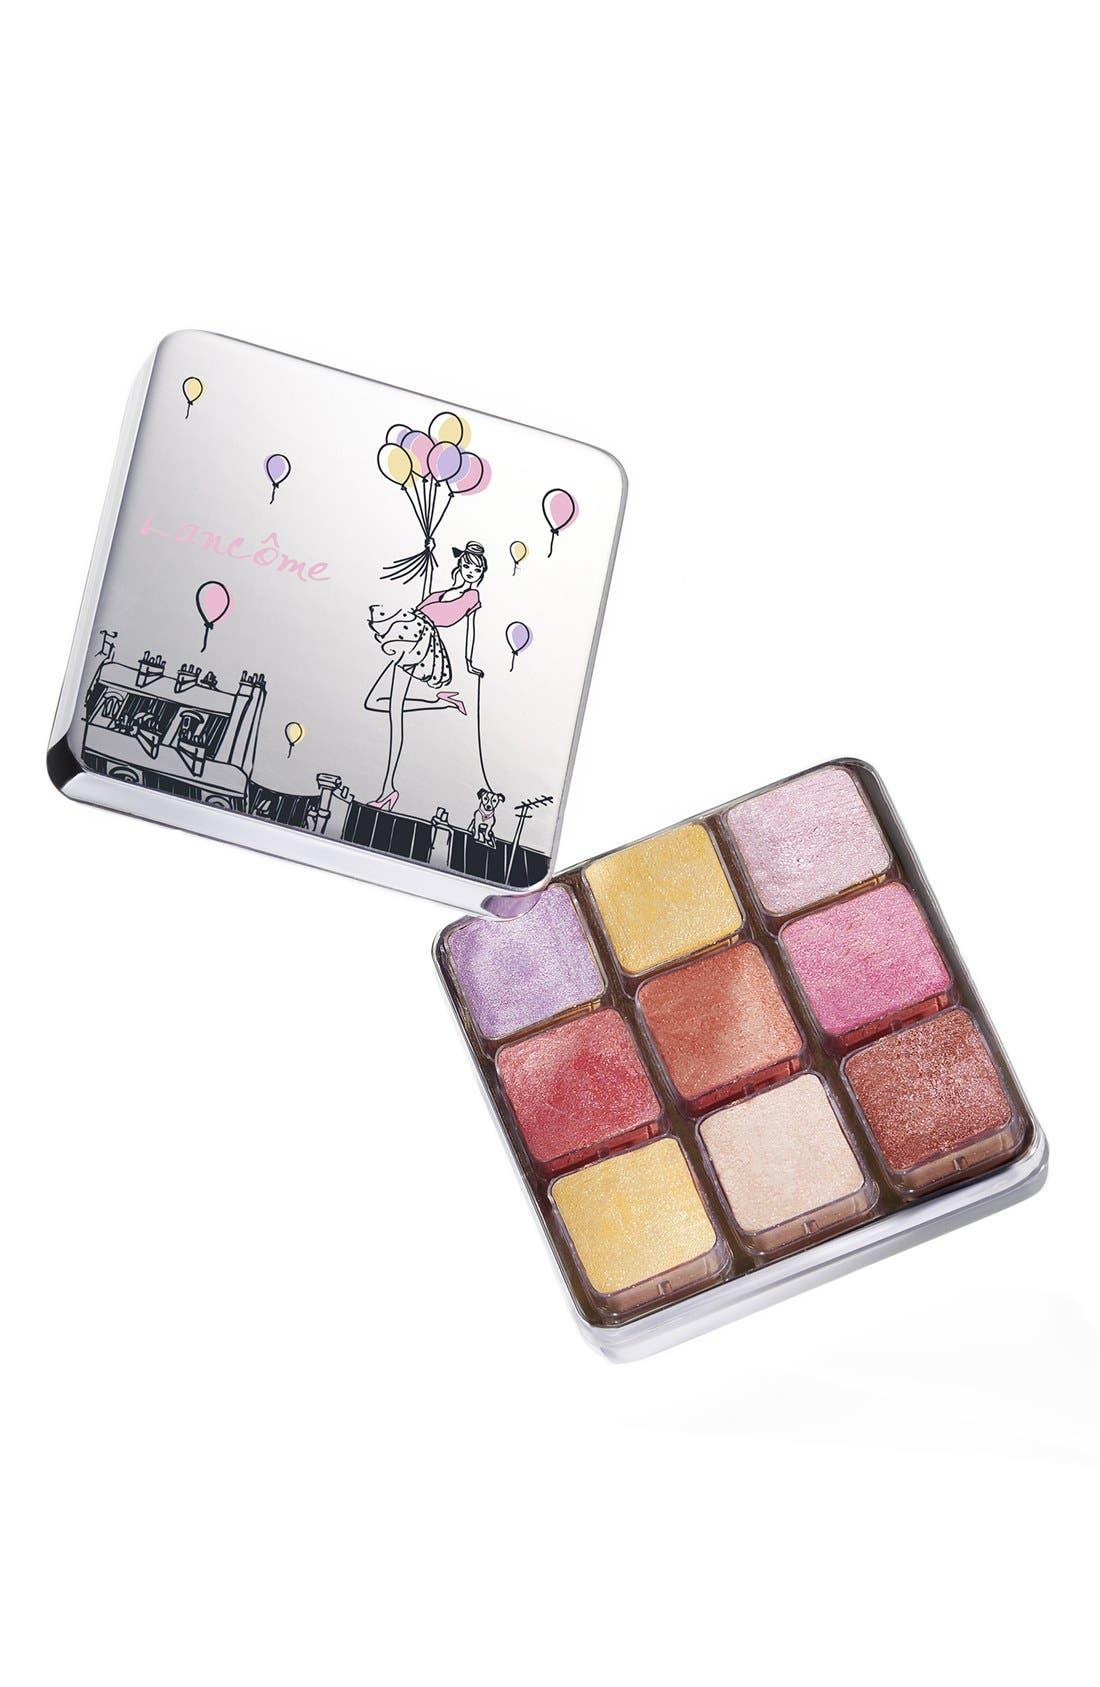 'My Parisian' Shimmer Cube,                             Main thumbnail 1, color,                             650